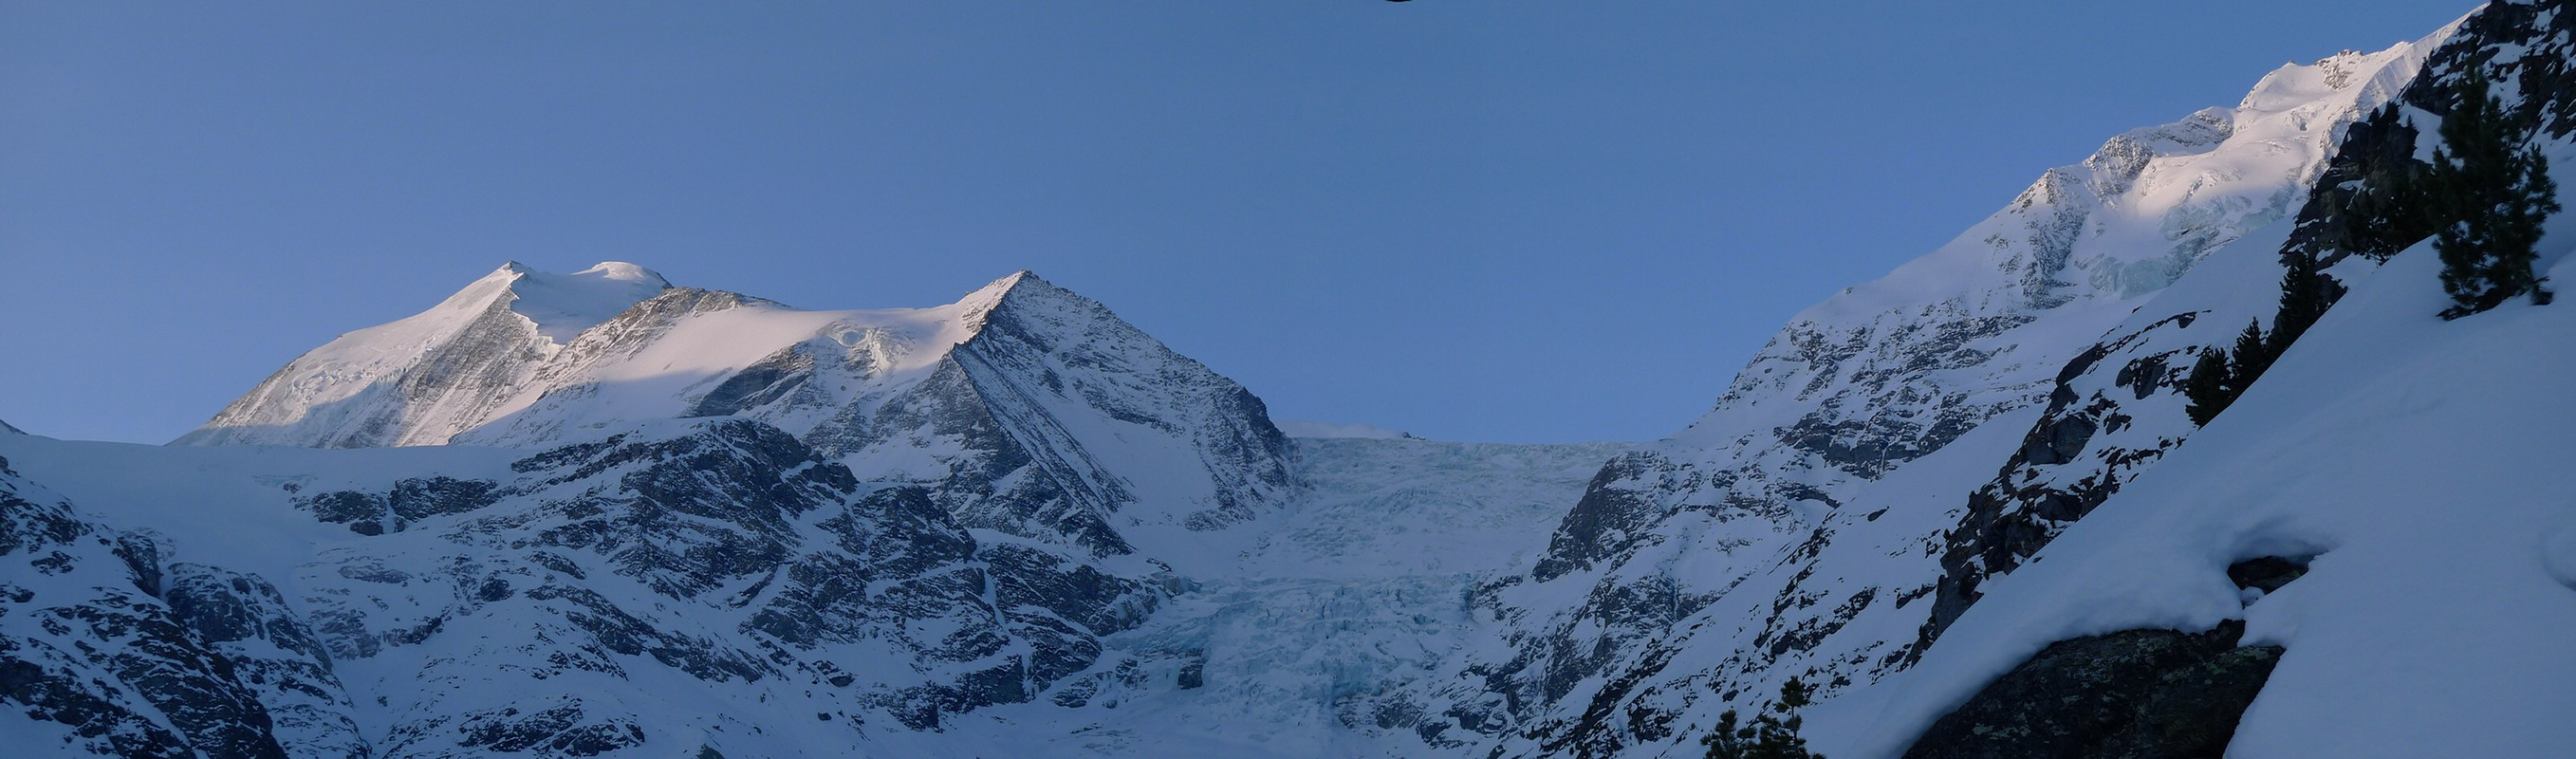 Turtmannhütte / Cabane Tourtemagne  Walliser Alpen / Alpes valaisannes Switzerland panorama 12